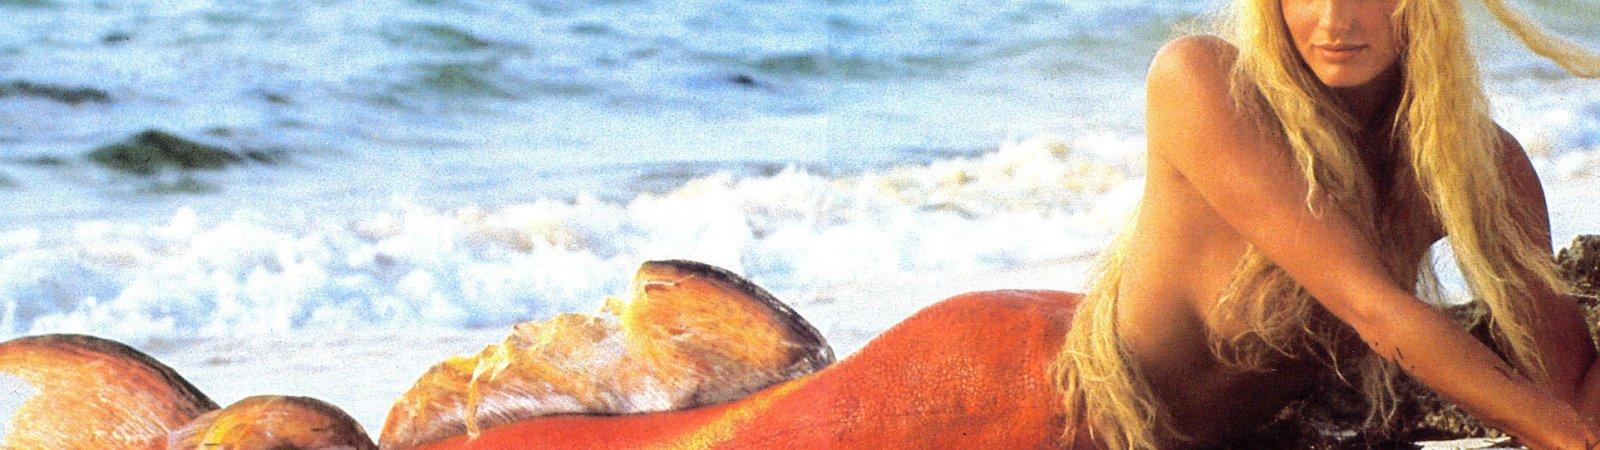 Photo du film : Splash